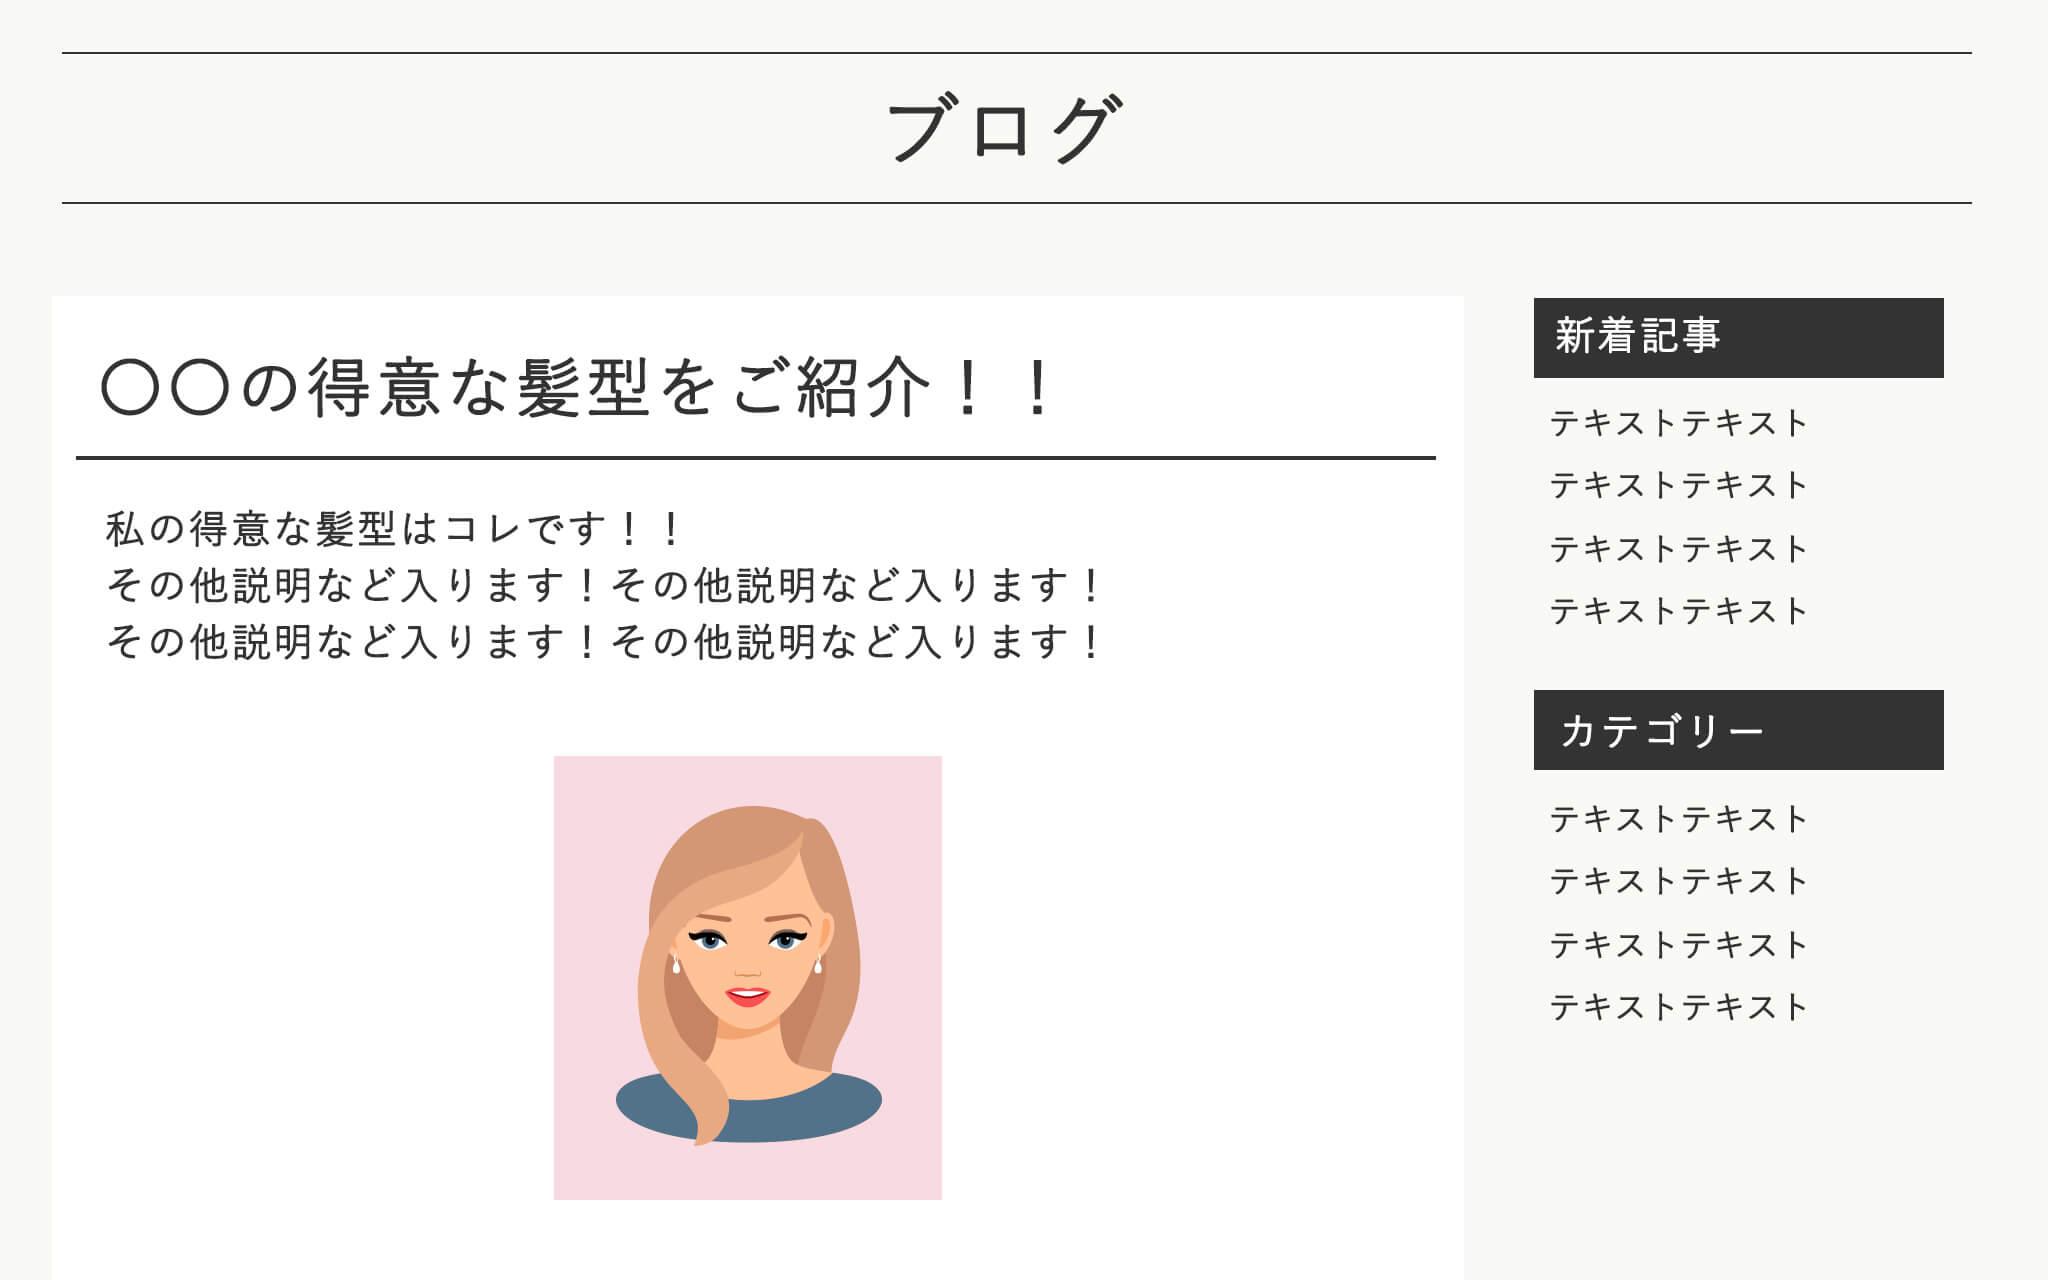 ブログページのイメージ